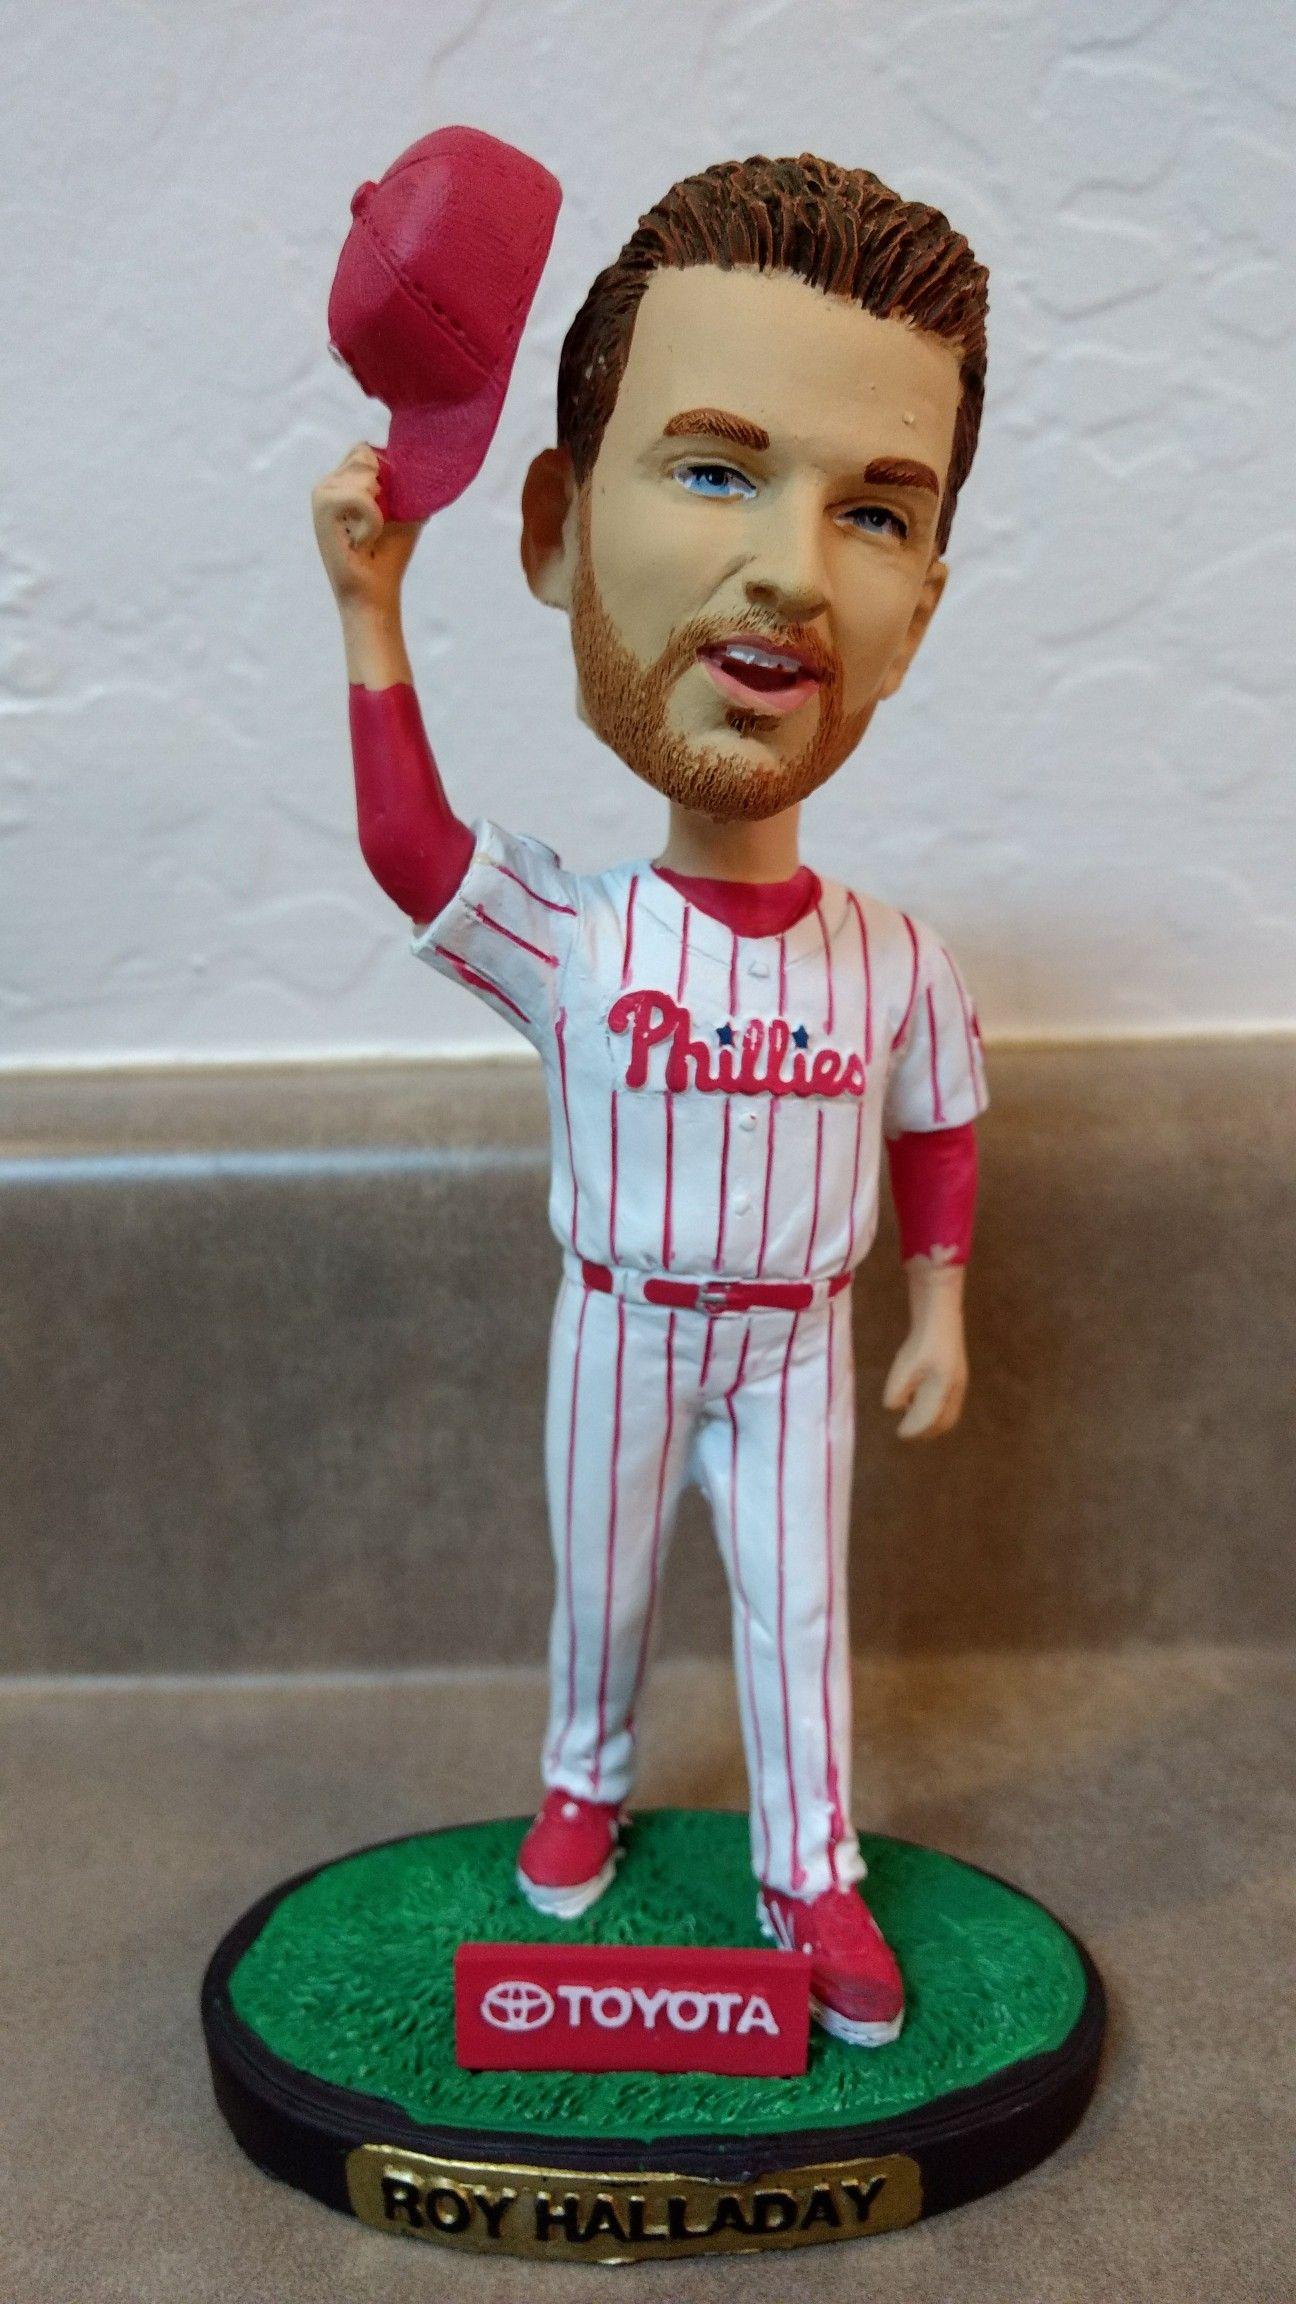 Philadelphia Phillies Roy Halladay bobblehead Bobble